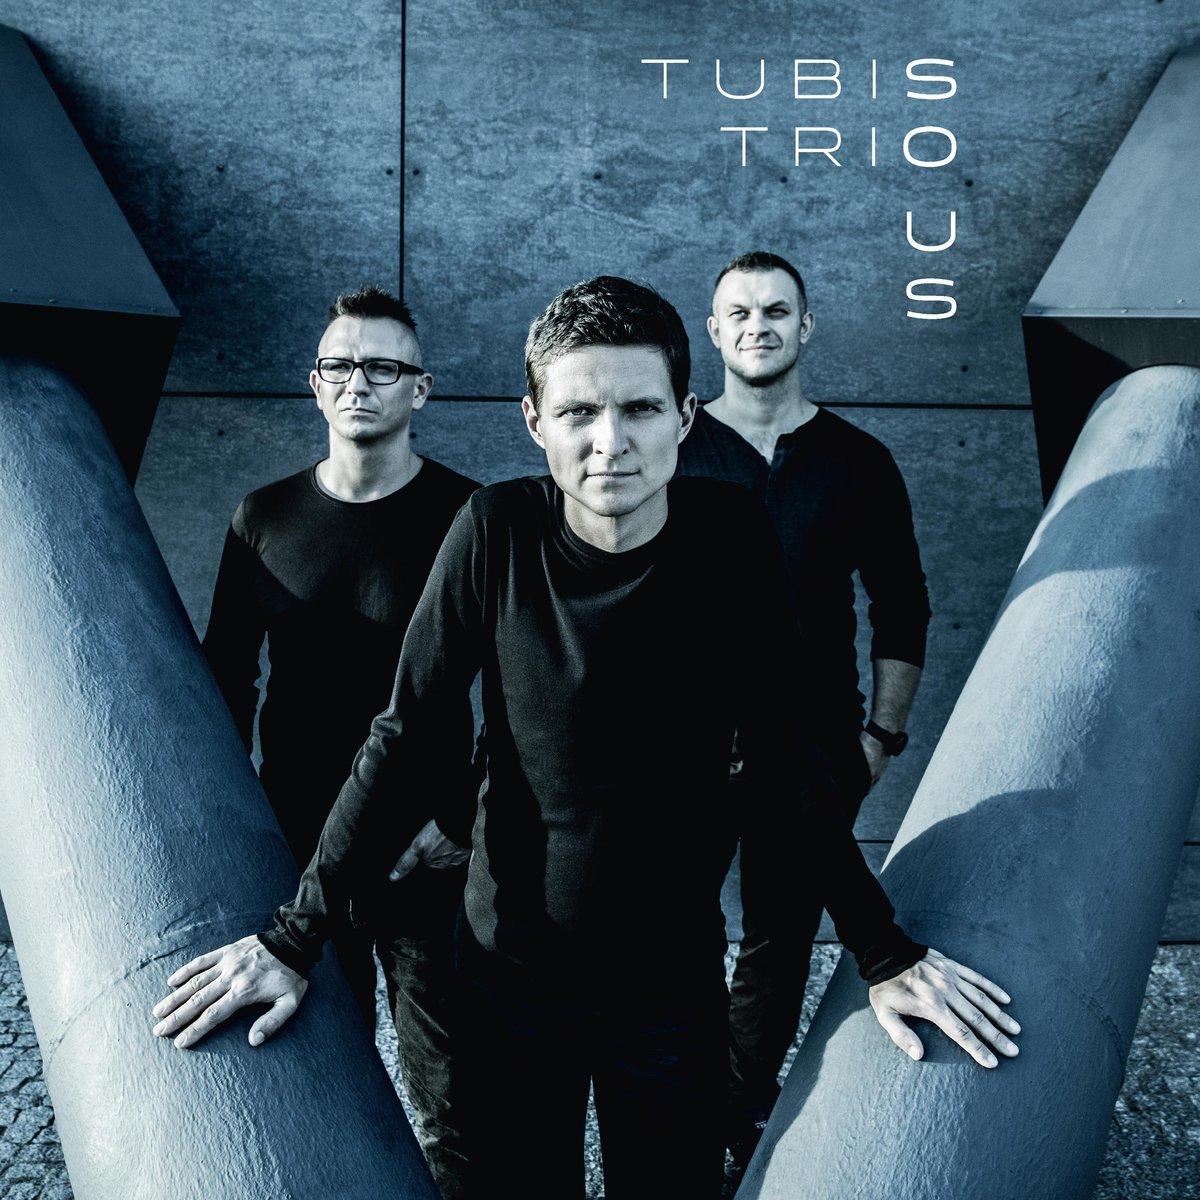 Tubis Trio – So Us